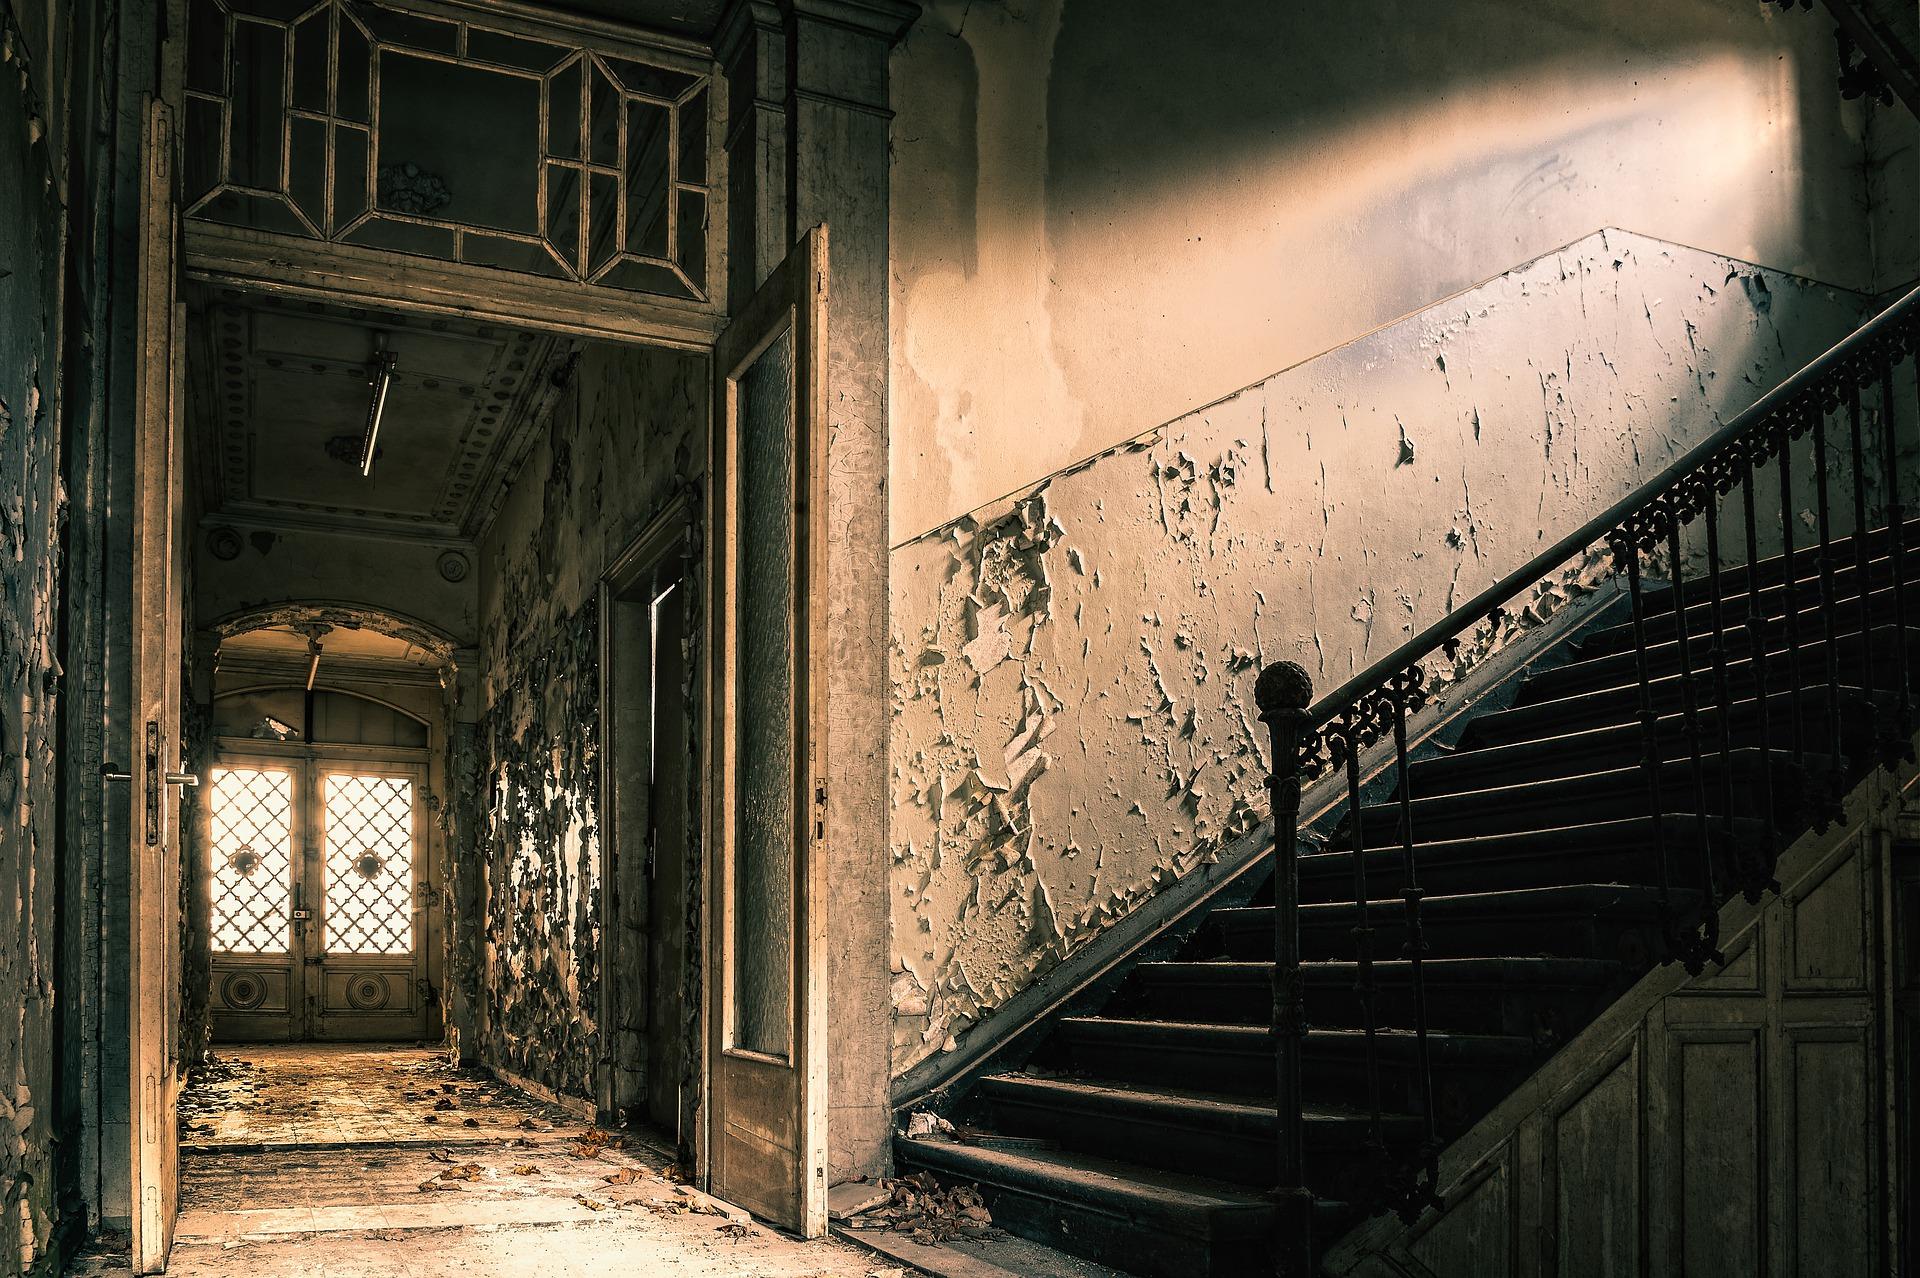 Decouvrez L Interieur De La Maison Hantee De Conjuring En Live